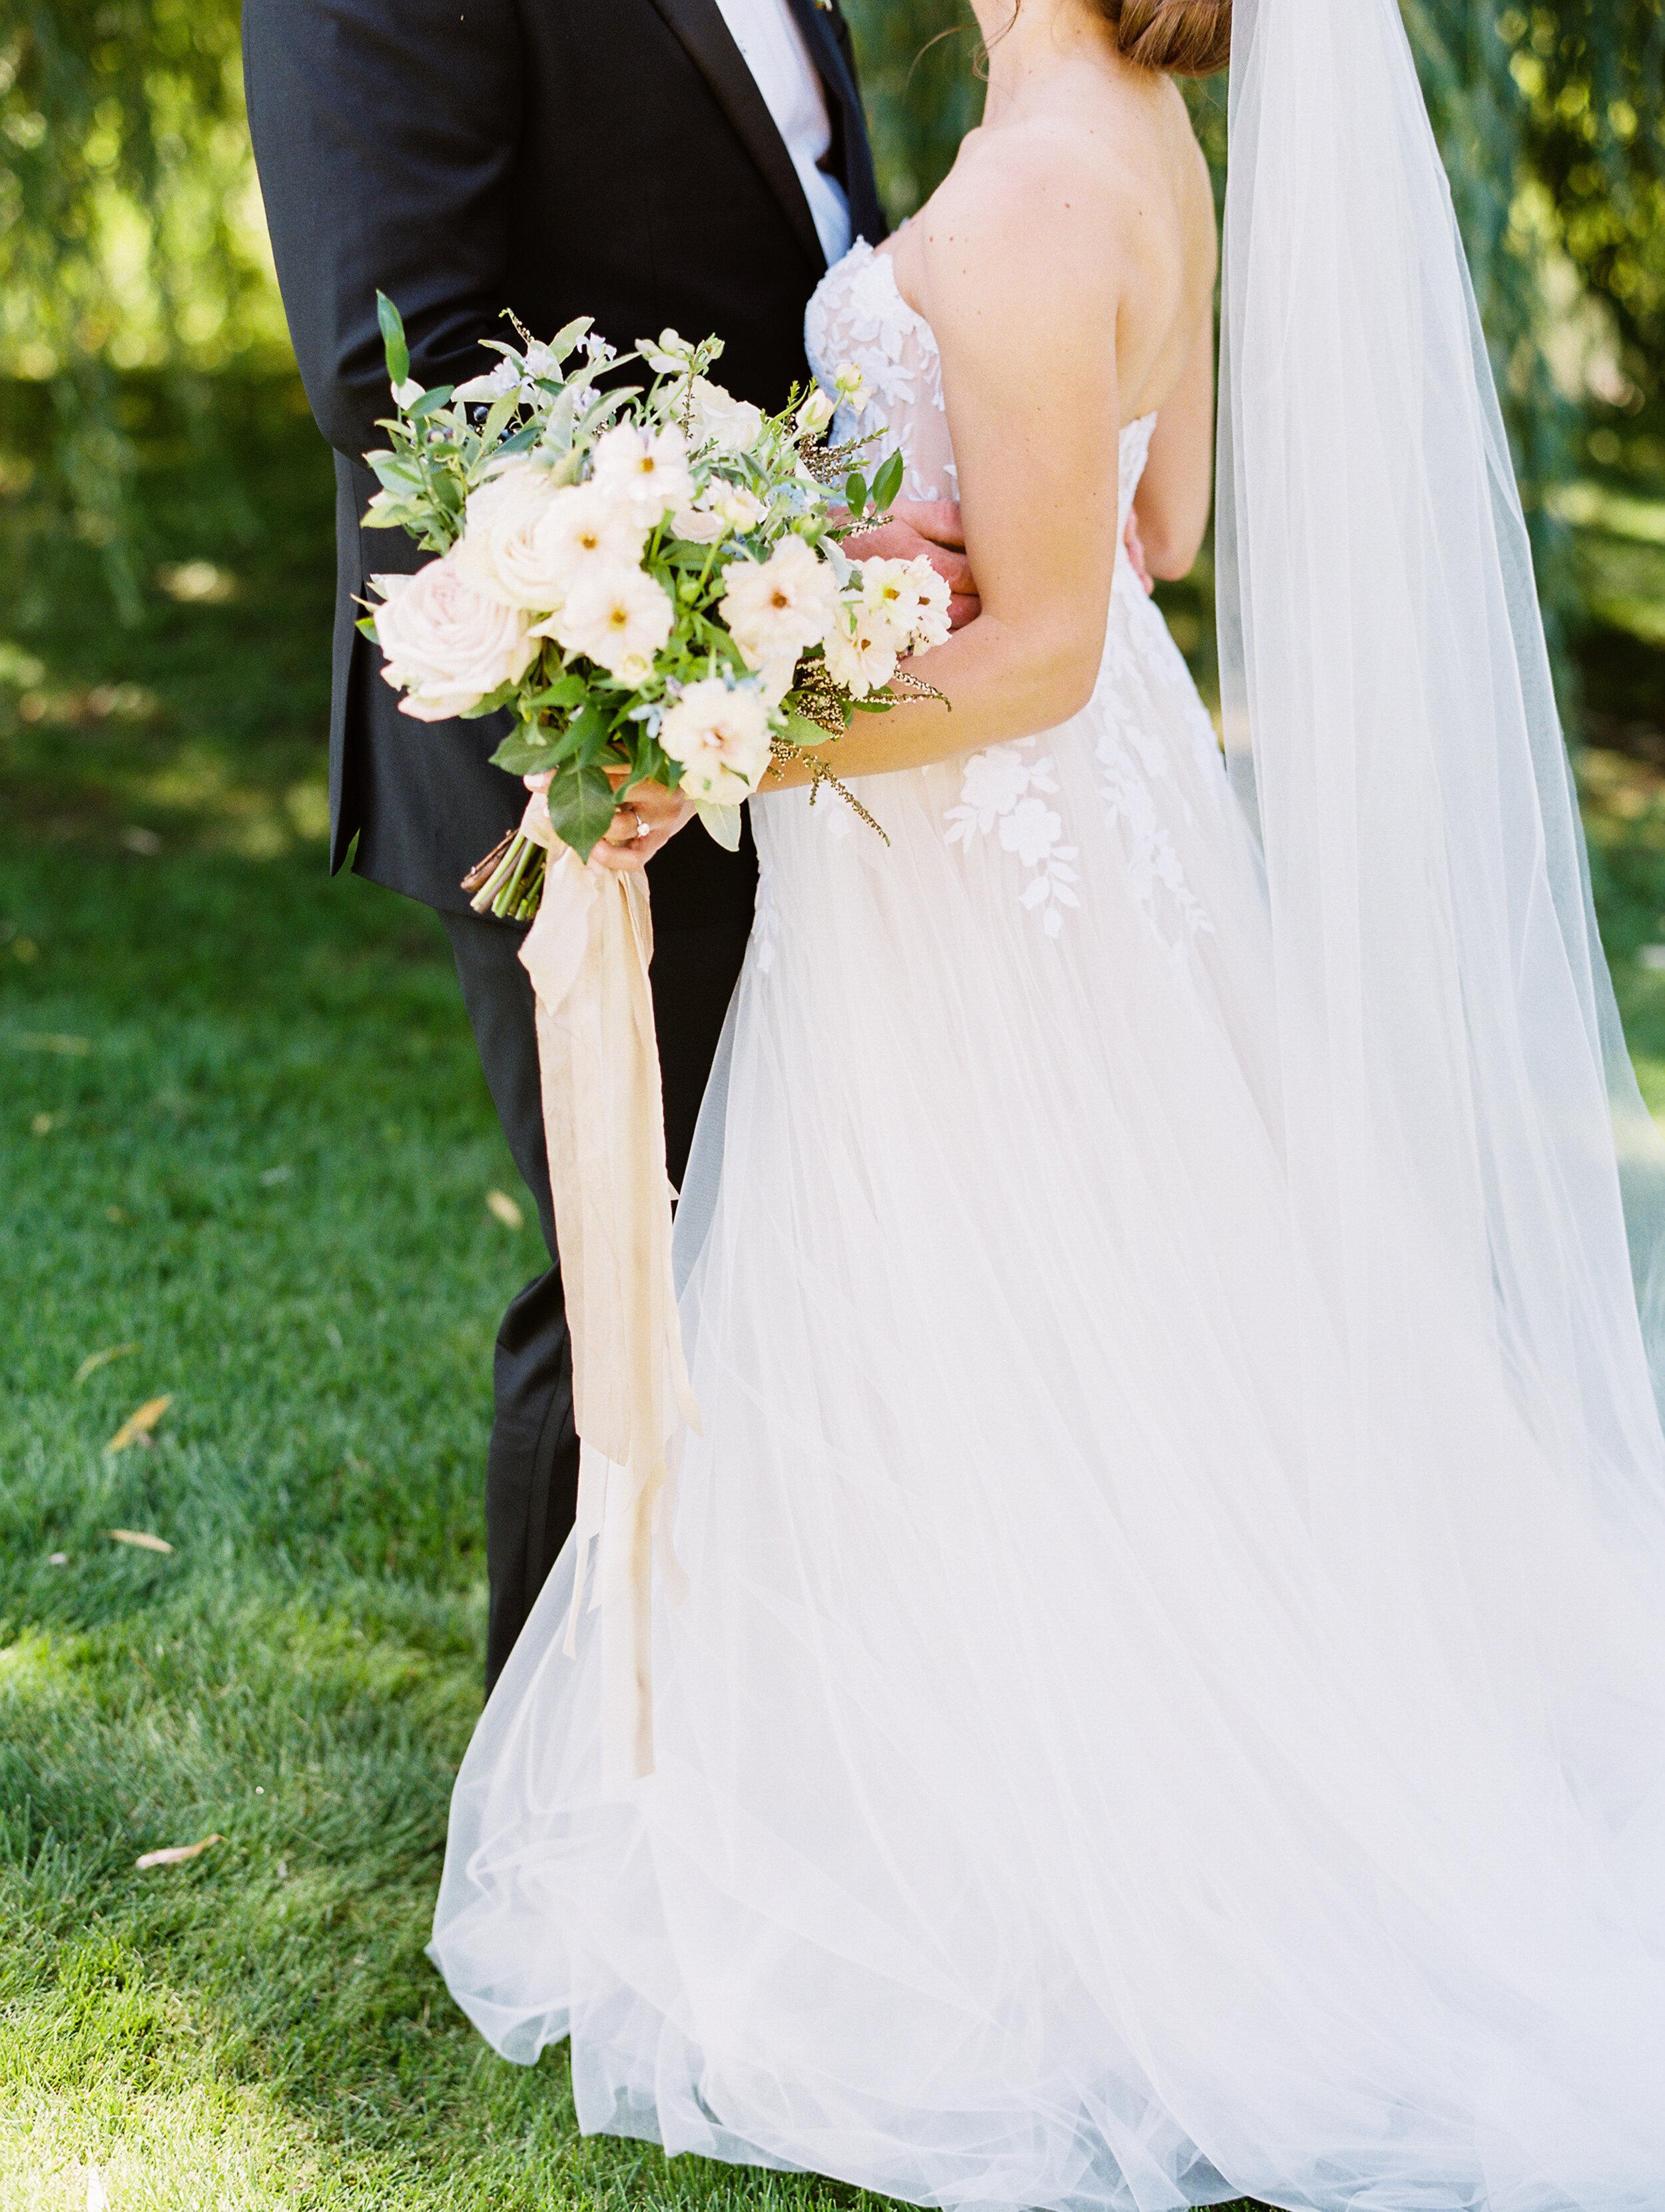 Steinlage+Wedding+First+Look-30.jpg